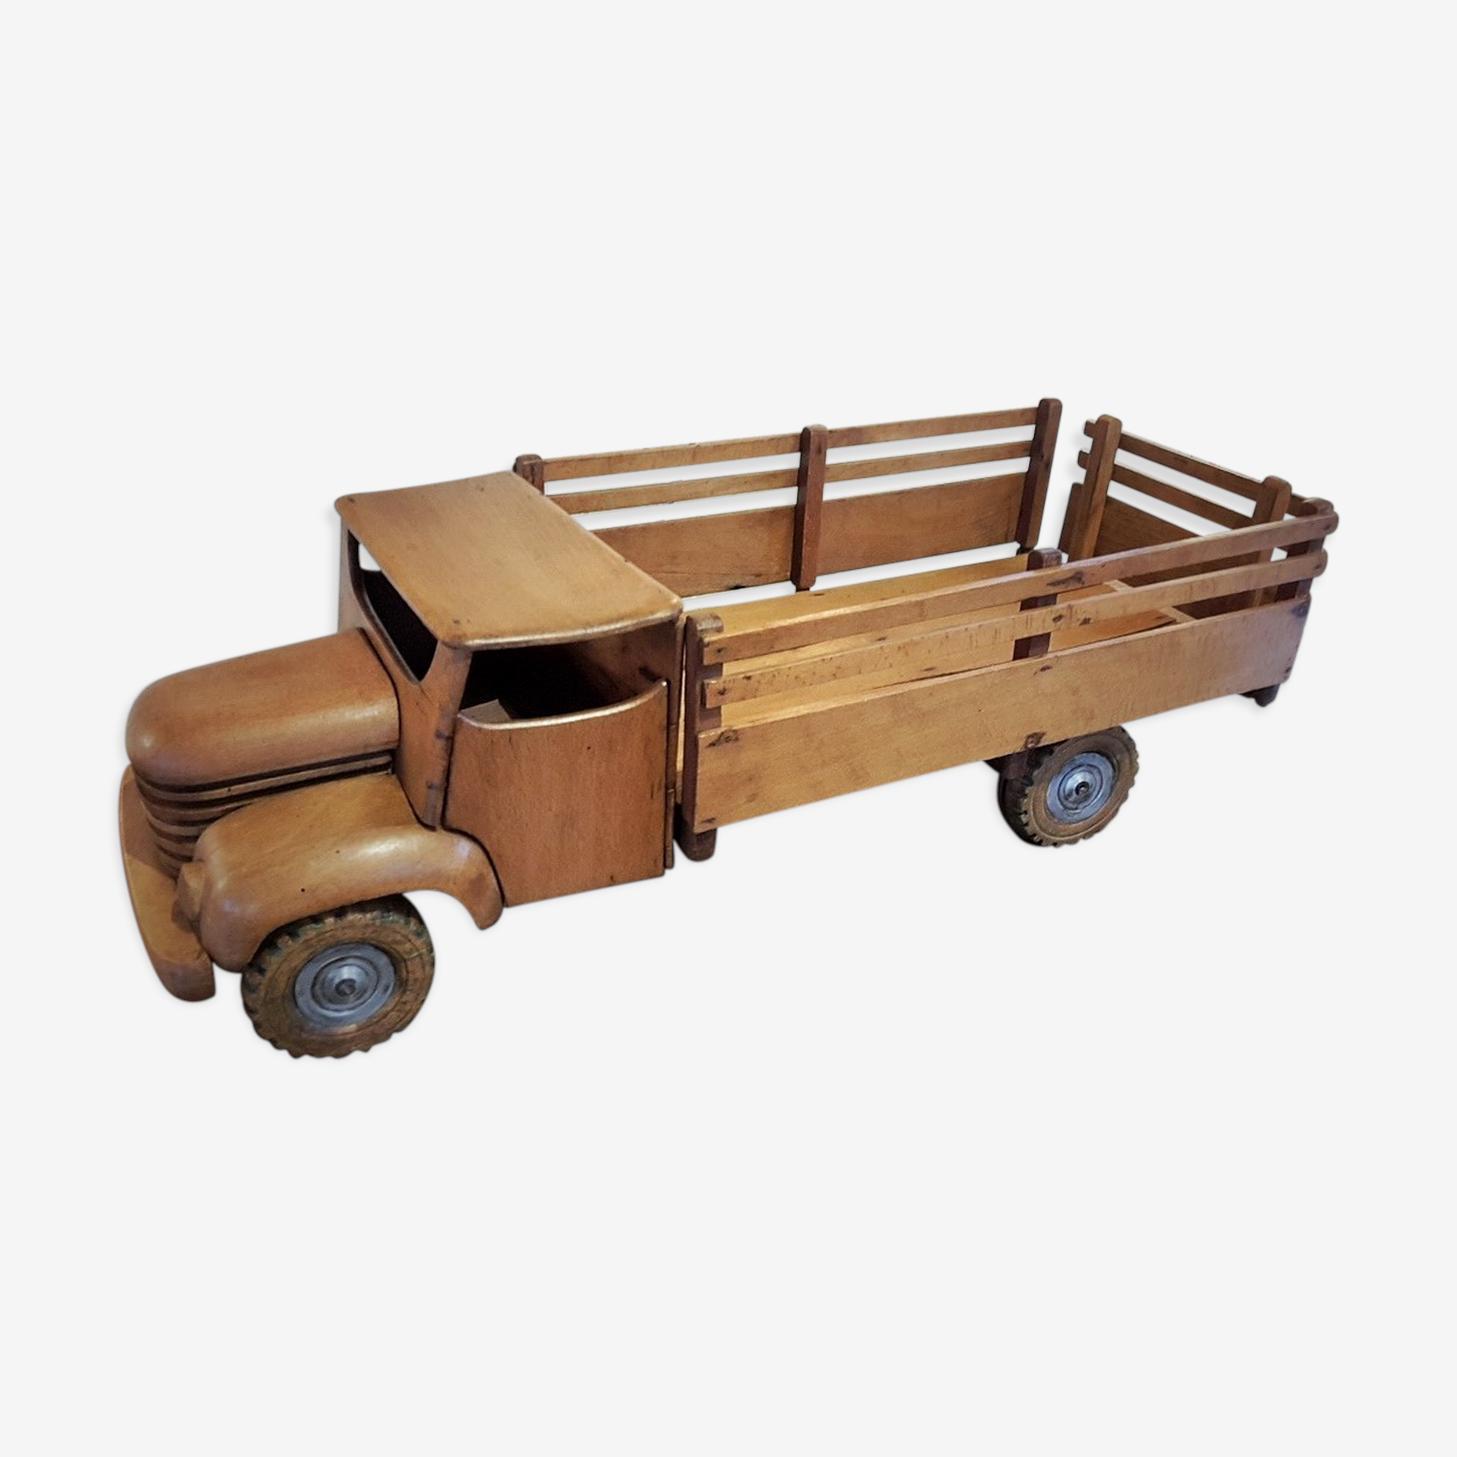 Camion bois style dejou france années 30